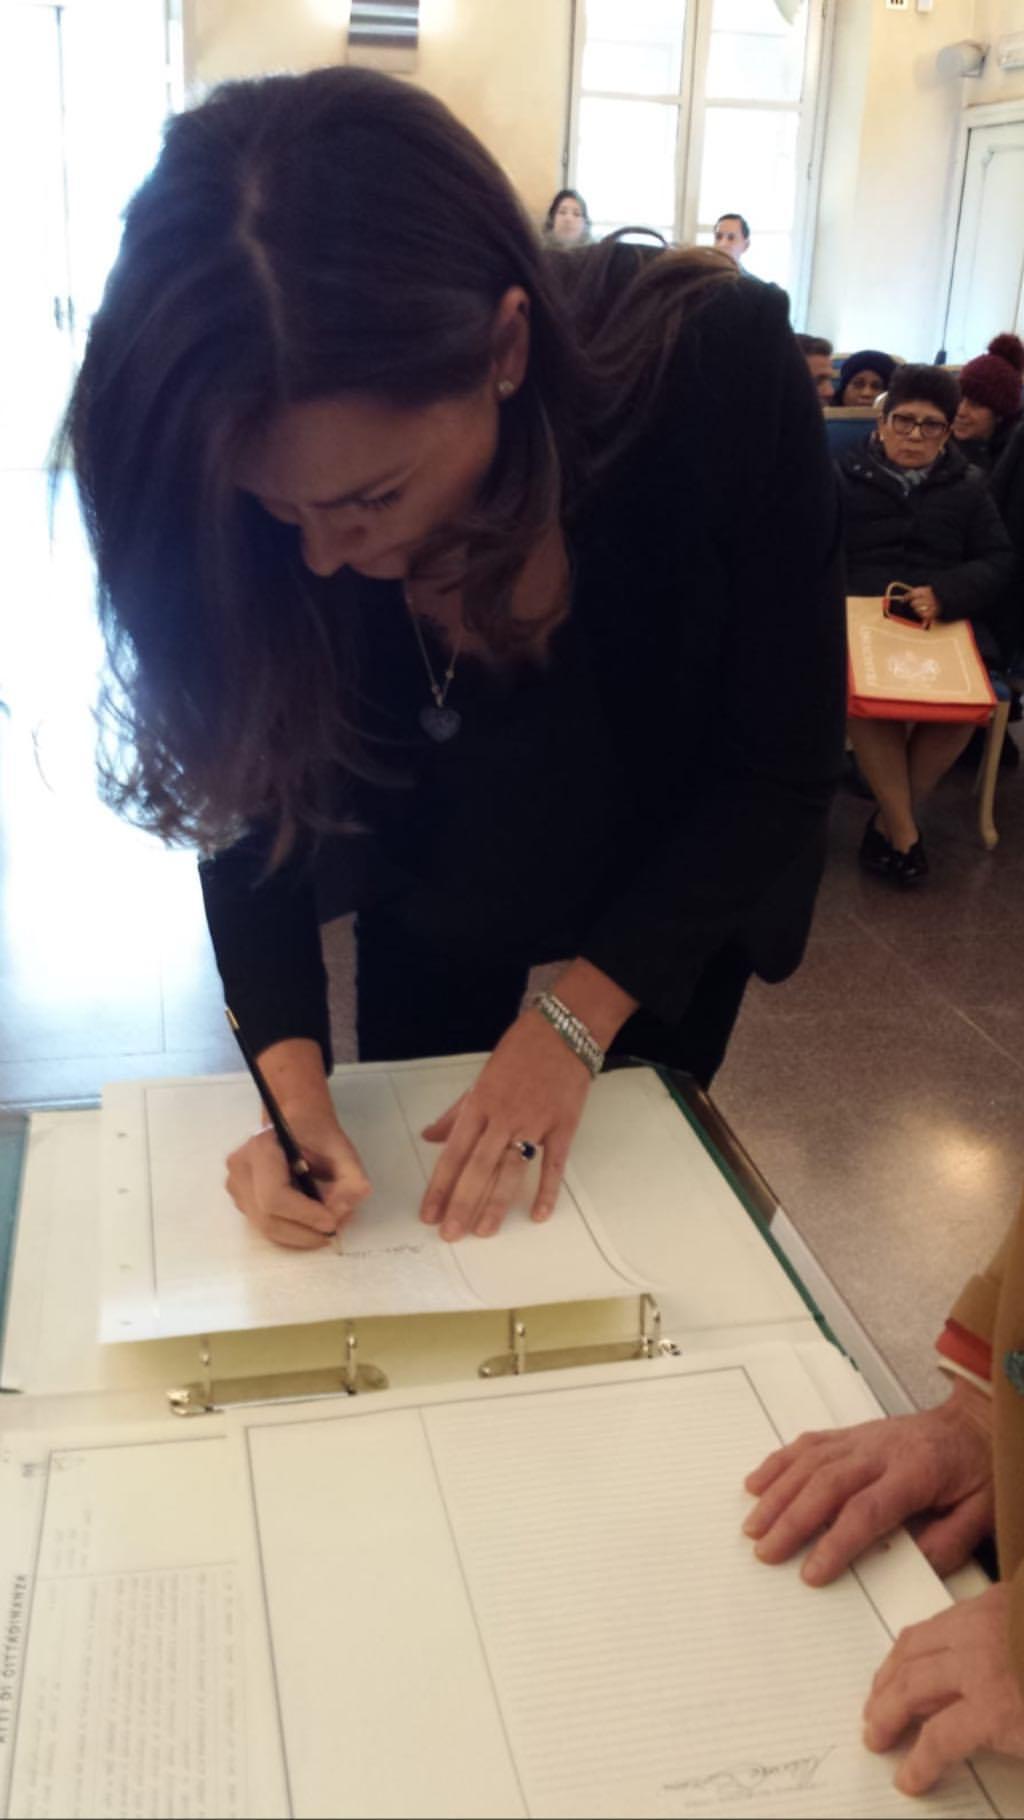 Alena Seredova giura fedeltà alla Repubblica italiana